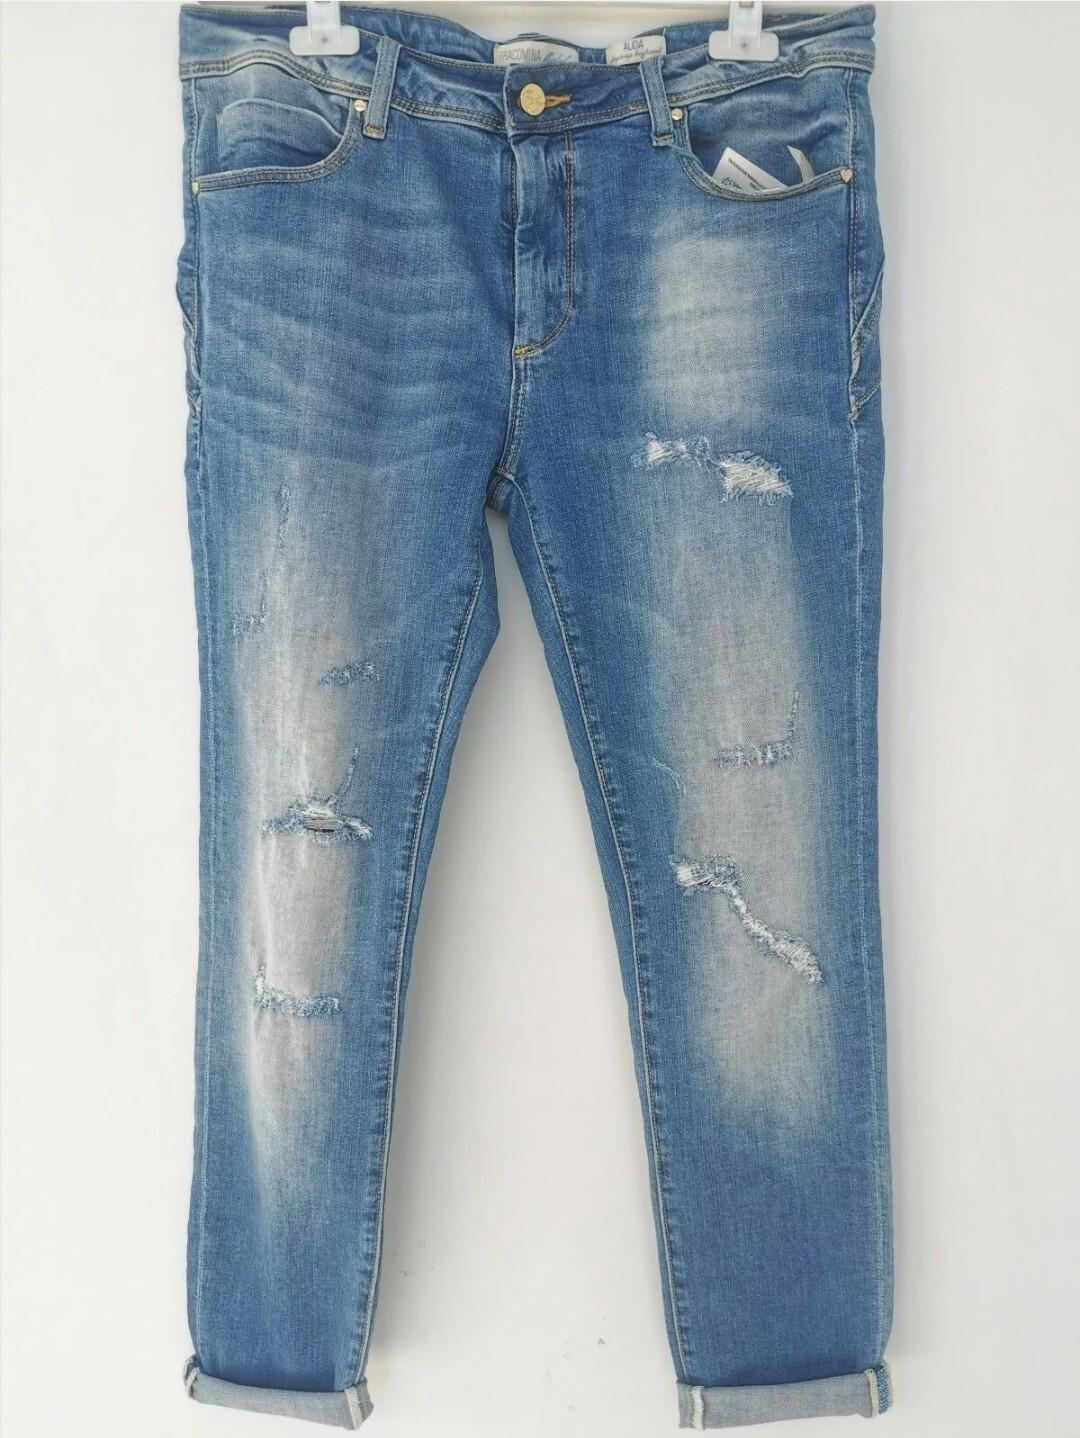 Jeans shape up boyfriend